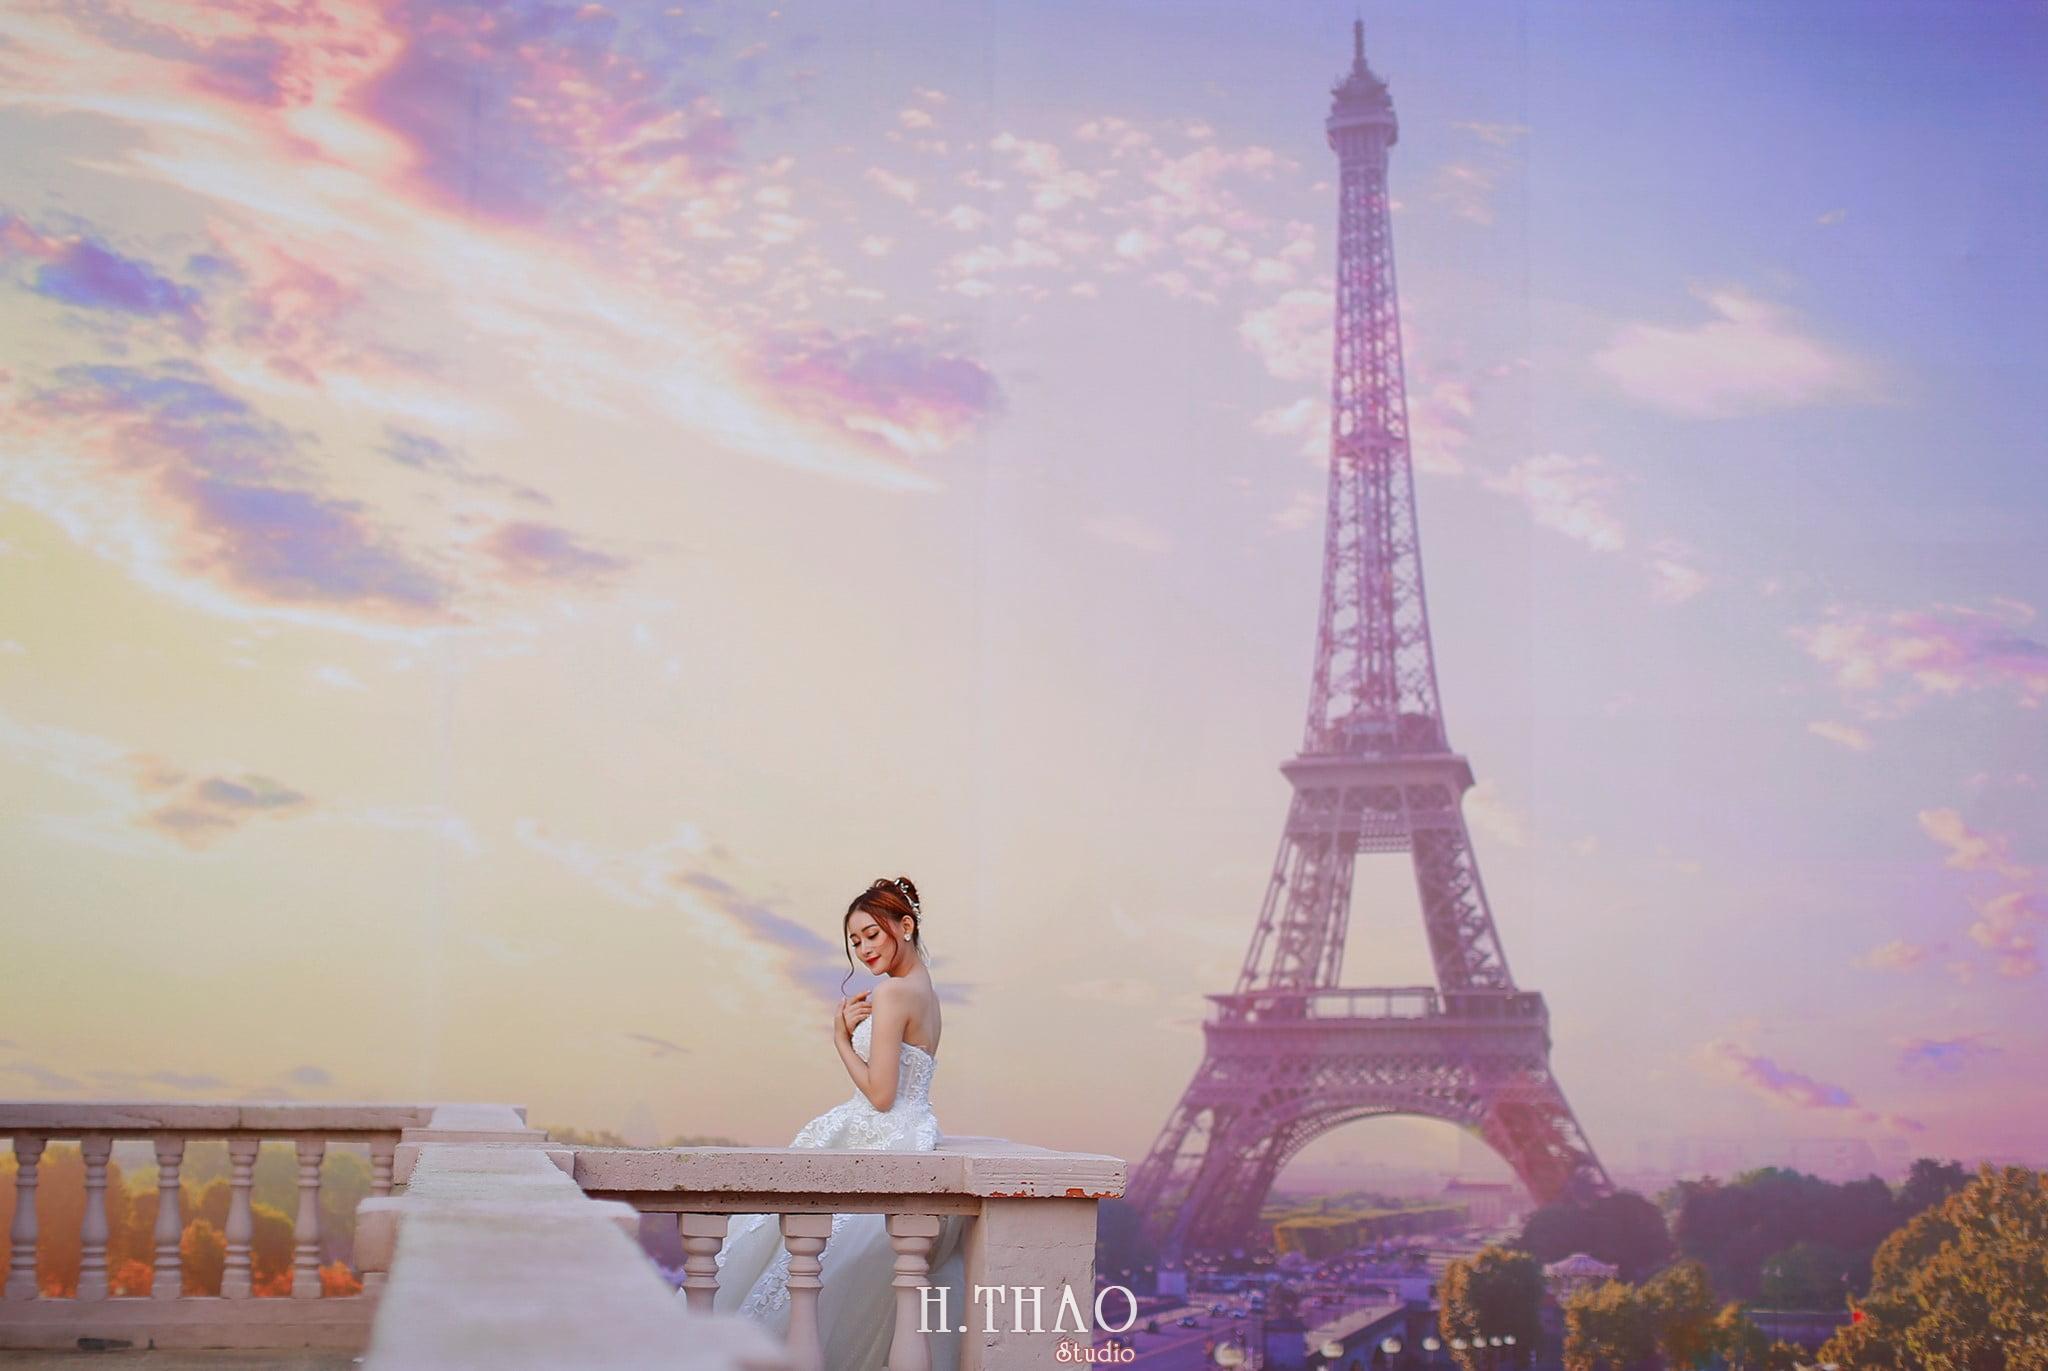 Anh cuoi 27 - Bộ ảnh cưới cô dâu đơn tuyệt đẹp tại phim trường paris- HThao Studio